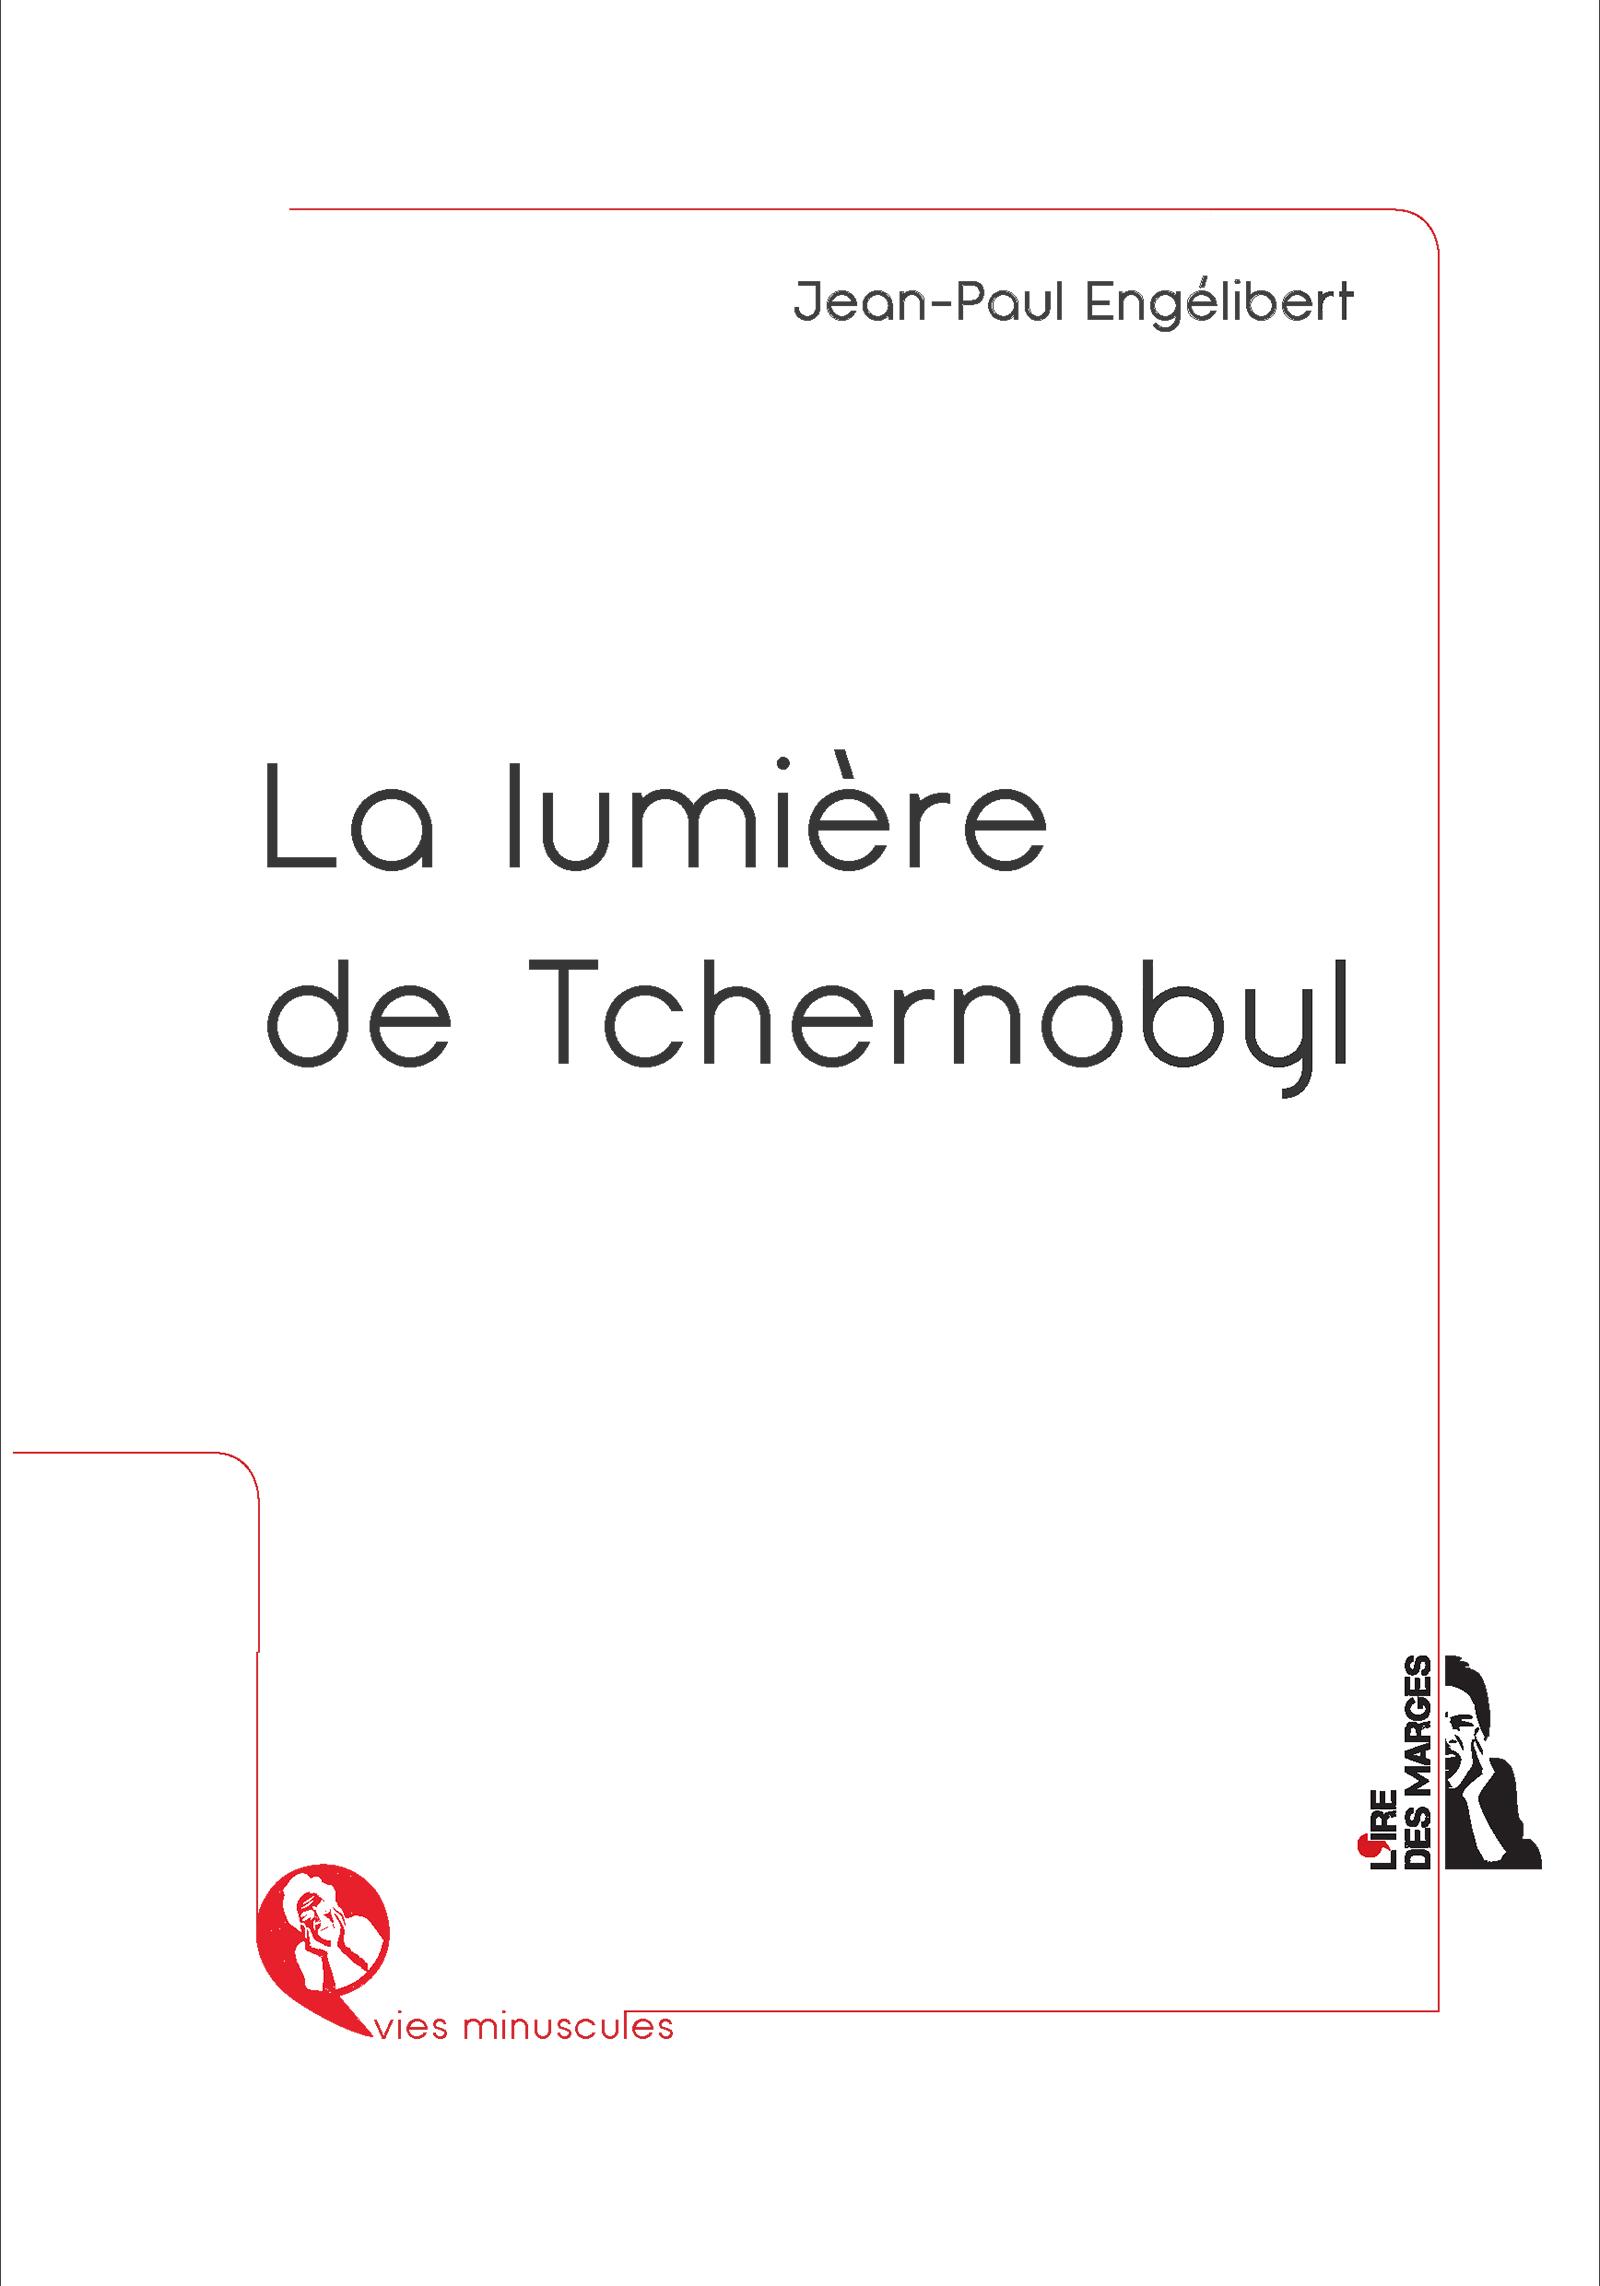 La lumière de Tchernobyl